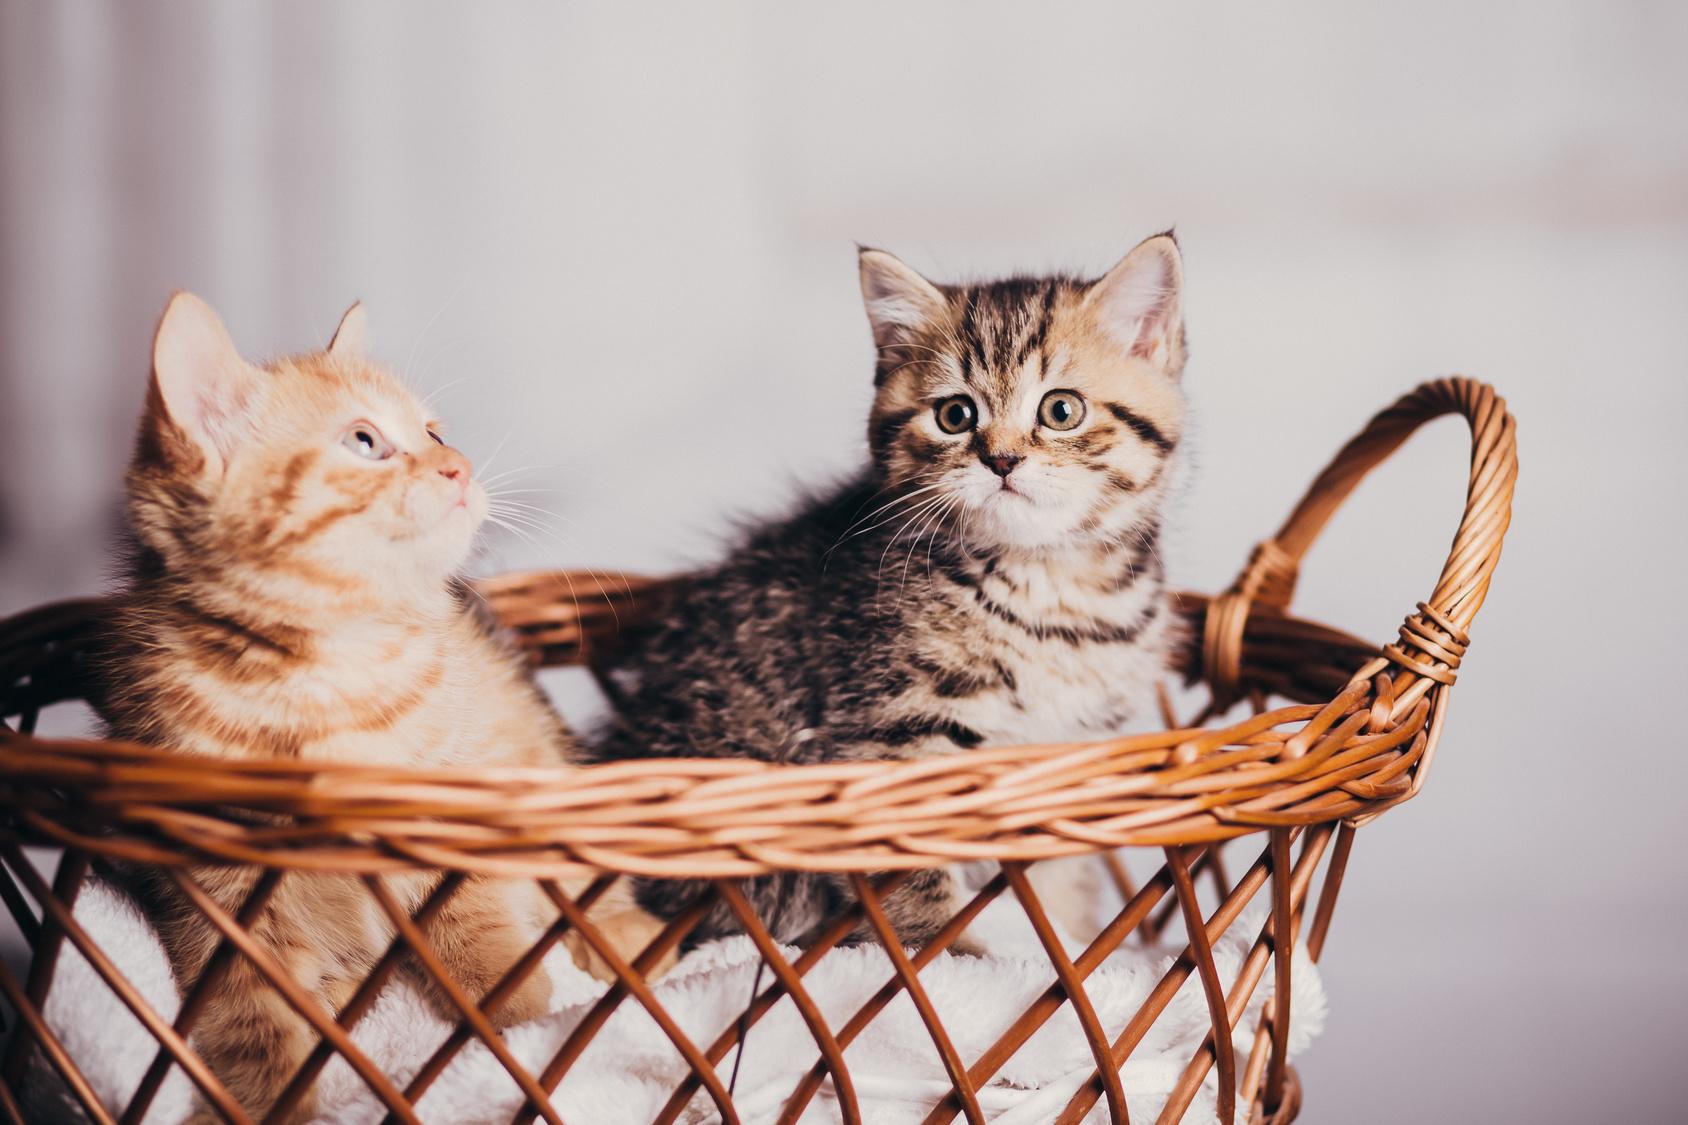 geschlecht bei kitten